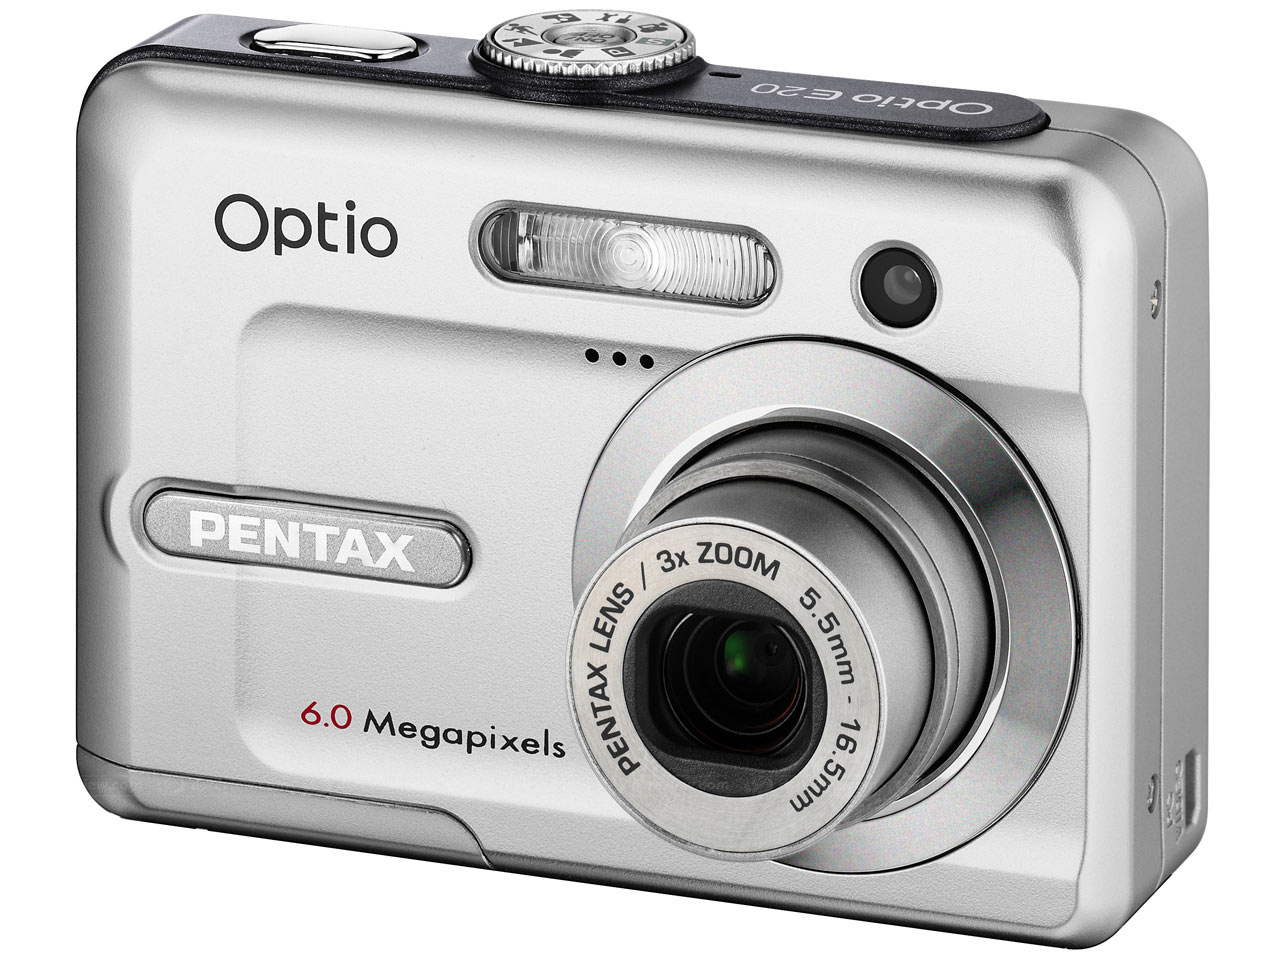 pentax optio e20 digital photography review rh dpreview com Pentax Optio S1 Pentax Optio E10 Drivers